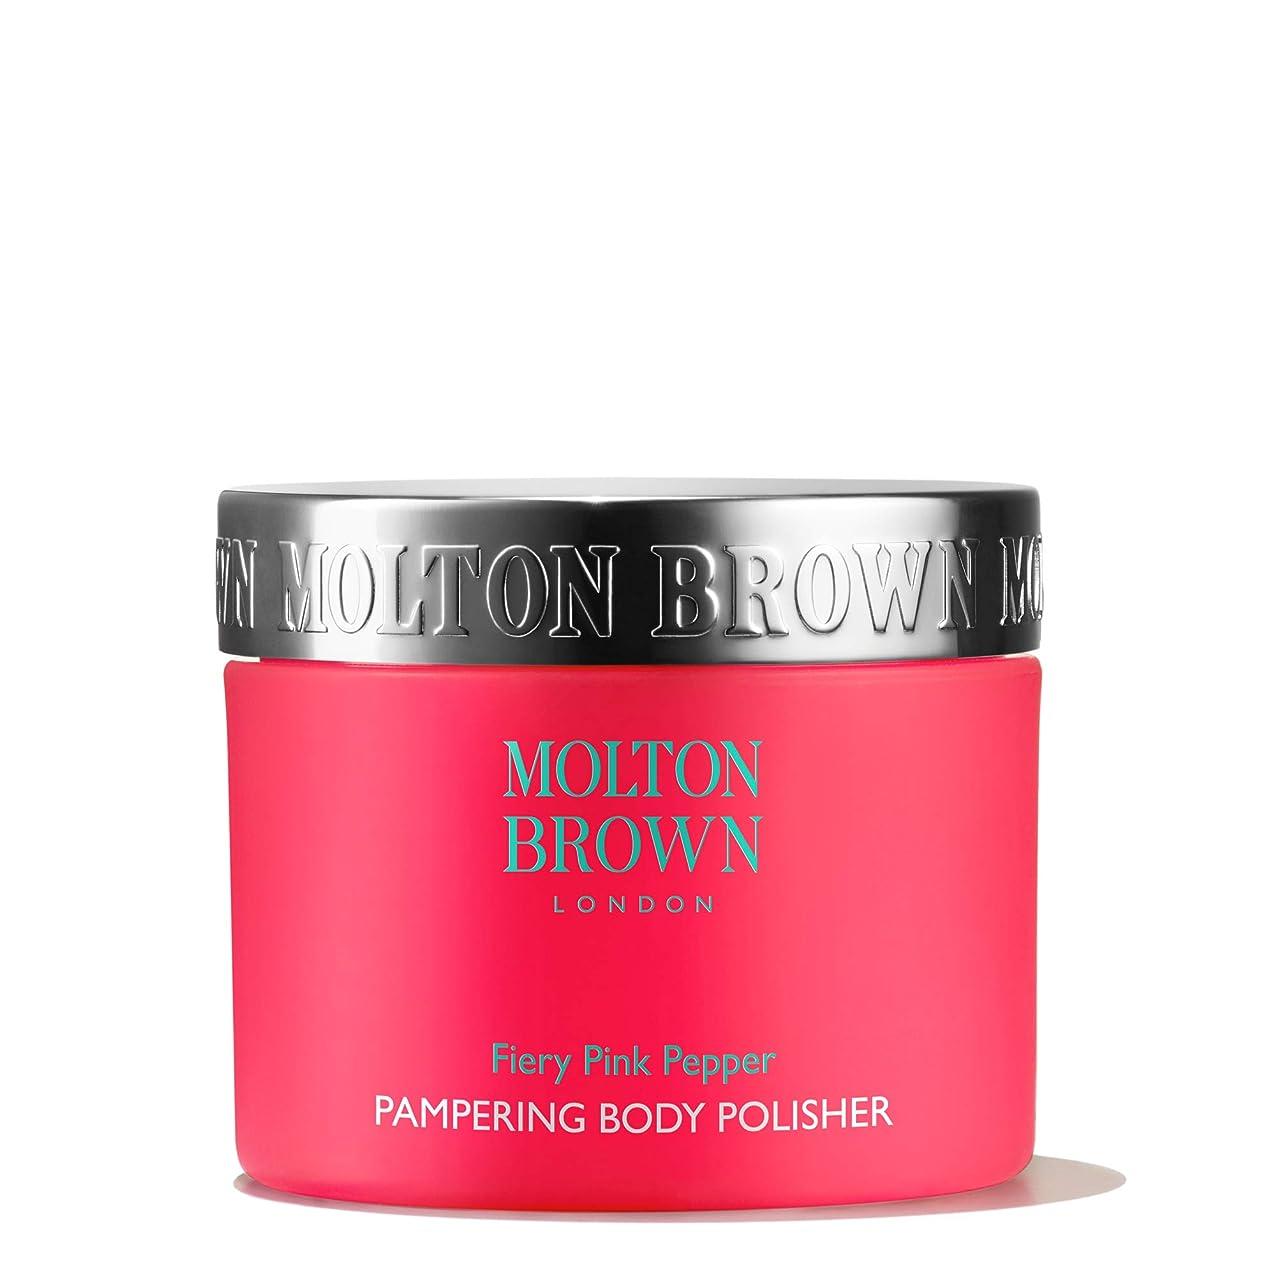 それにもかかわらず必需品杭MOLTON BROWN(モルトンブラウン) ファイアリー ピンクペッパー パンパリング ボディポリッシャー